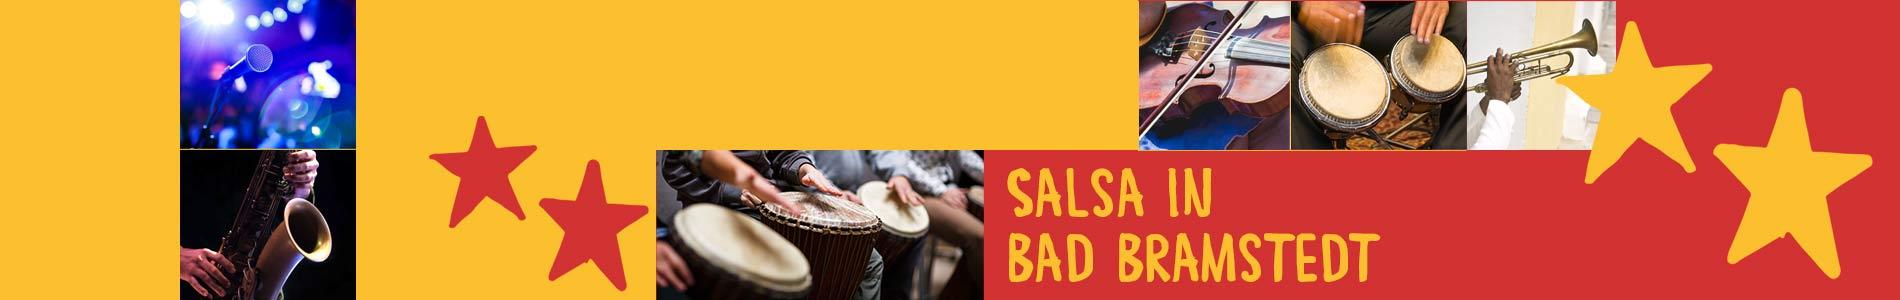 Salsa in Bad Bramstedt – Salsa lernen und tanzen, Tanzkurse, Partys, Veranstaltungen